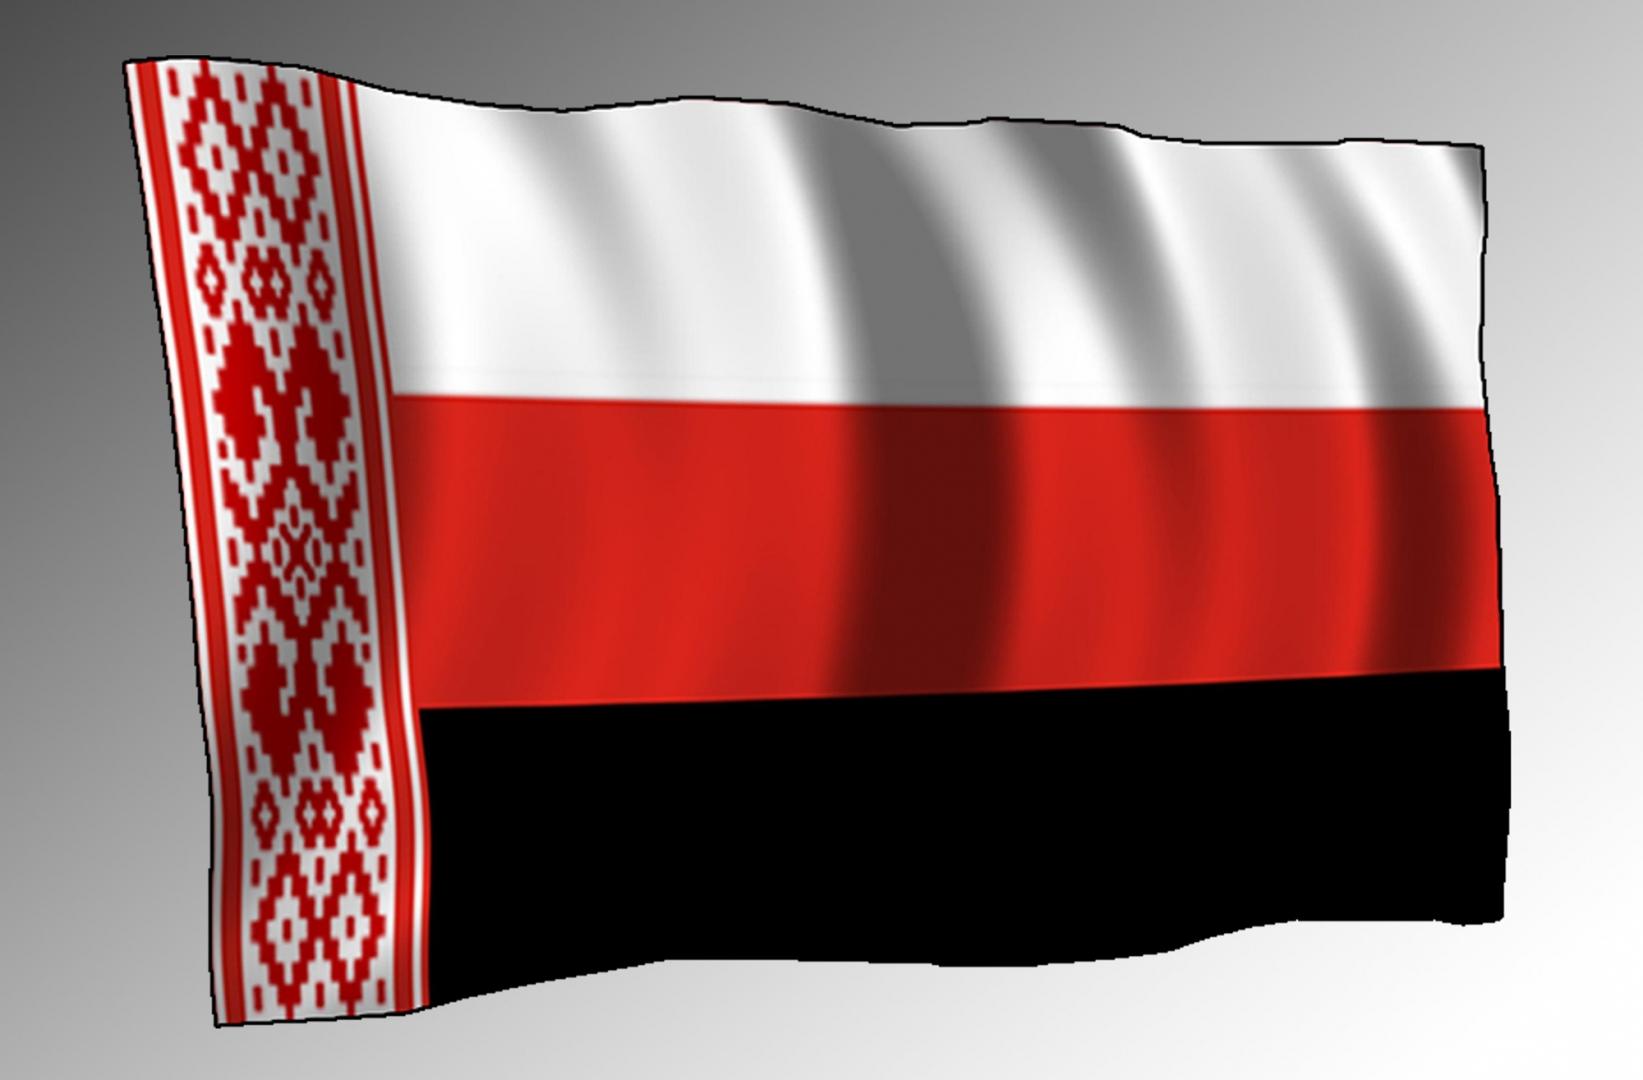 Бело-красно-черный флаг с народным орнаментом у древка. Флаг патриотических сил нового времени